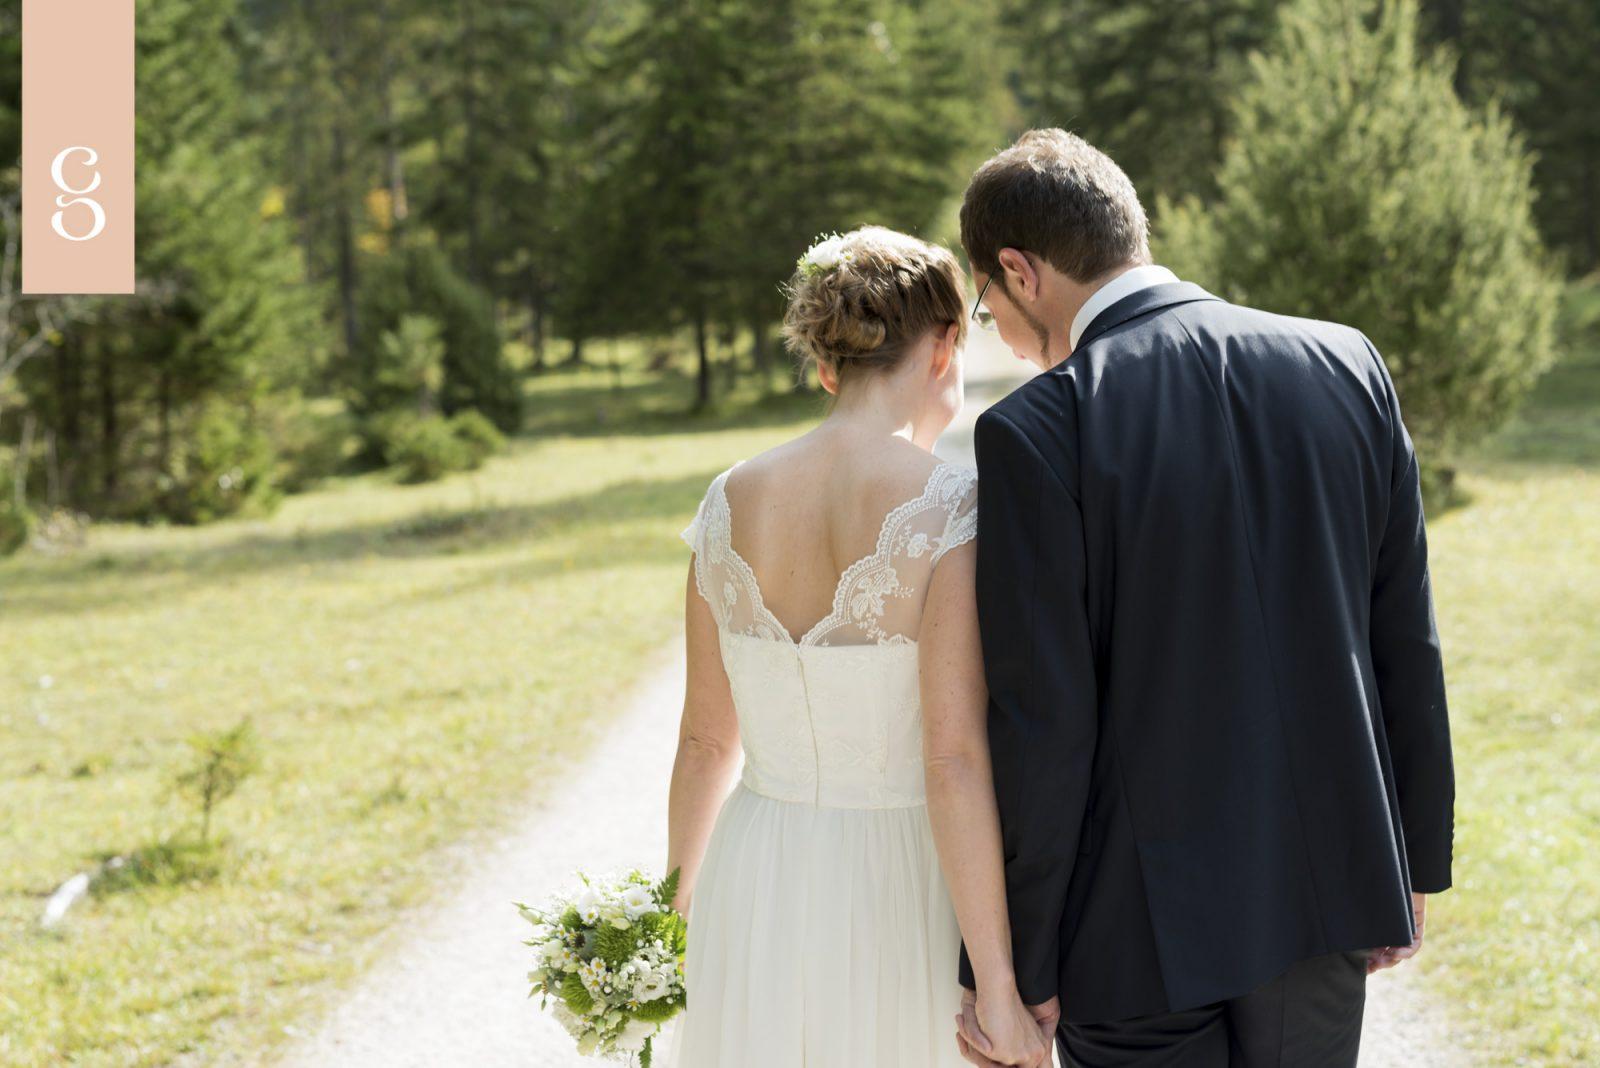 Fotograf_Goettges_Hochzeit_Wedding_Ramsau_Hintersee_Hirschbichl_Berchtesgaden_Hochzeitsfotograf-8